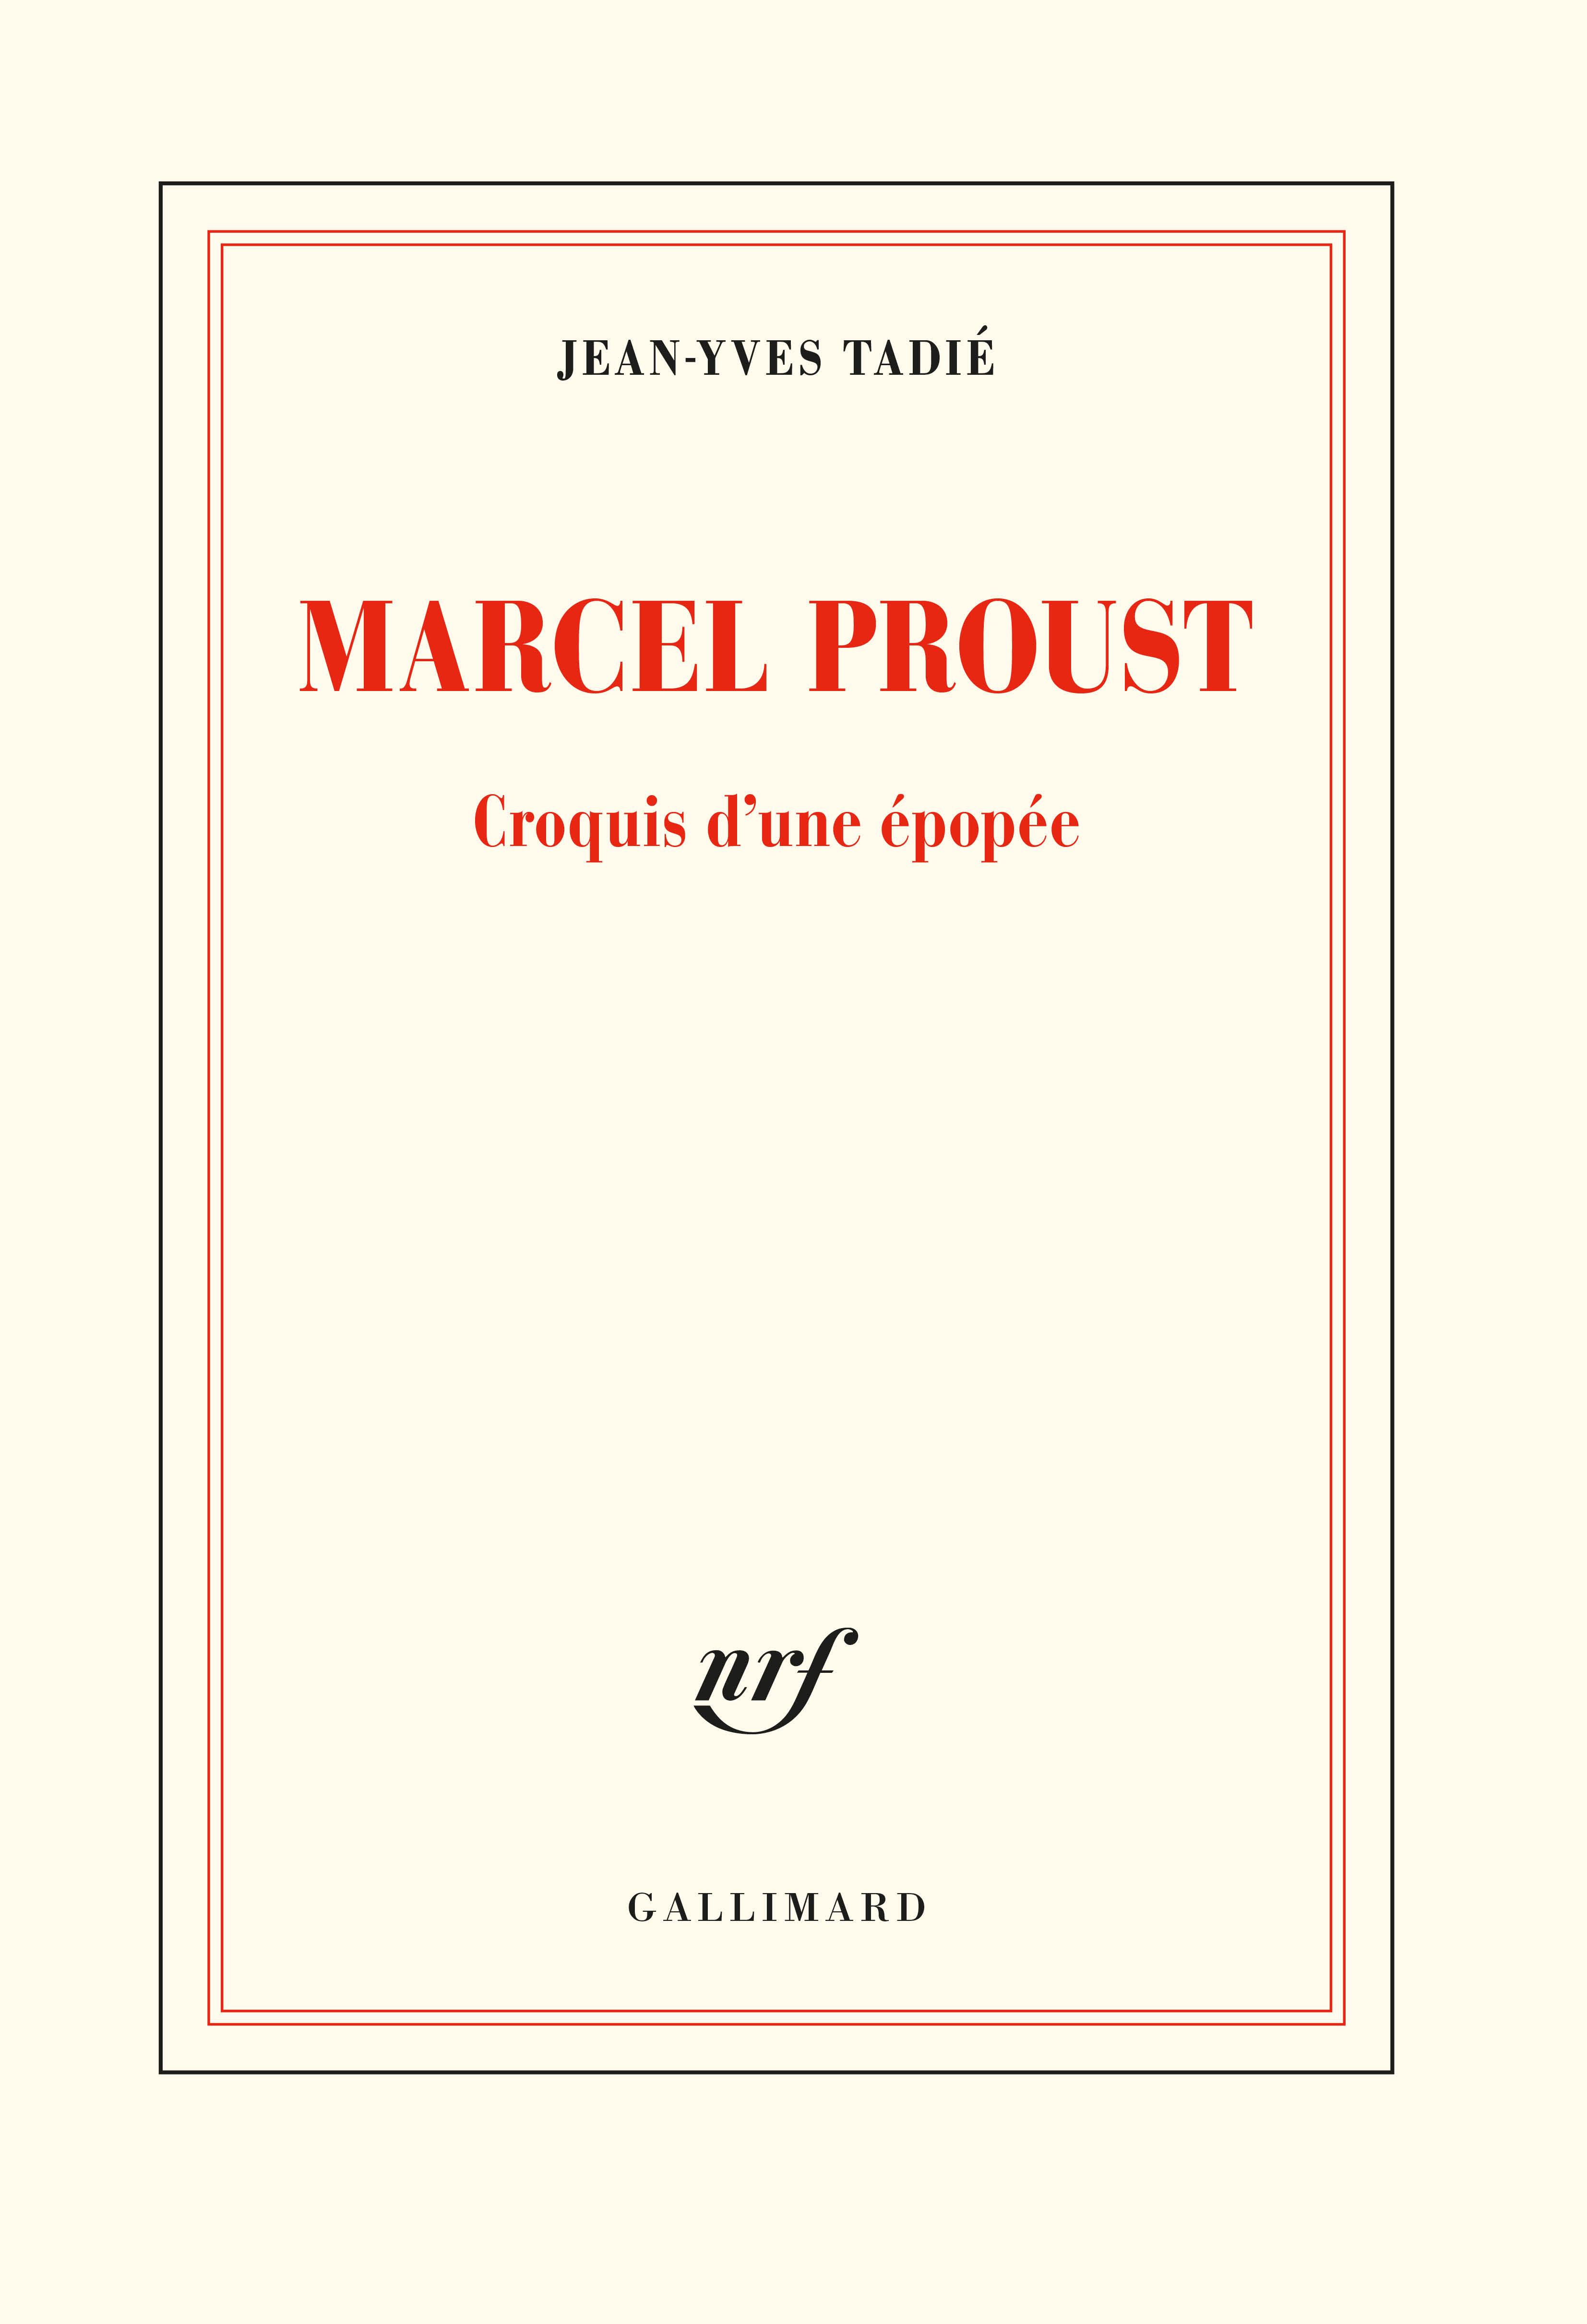 J.-Y. Tadié, Marcel Proust. Croquis d'une épopée